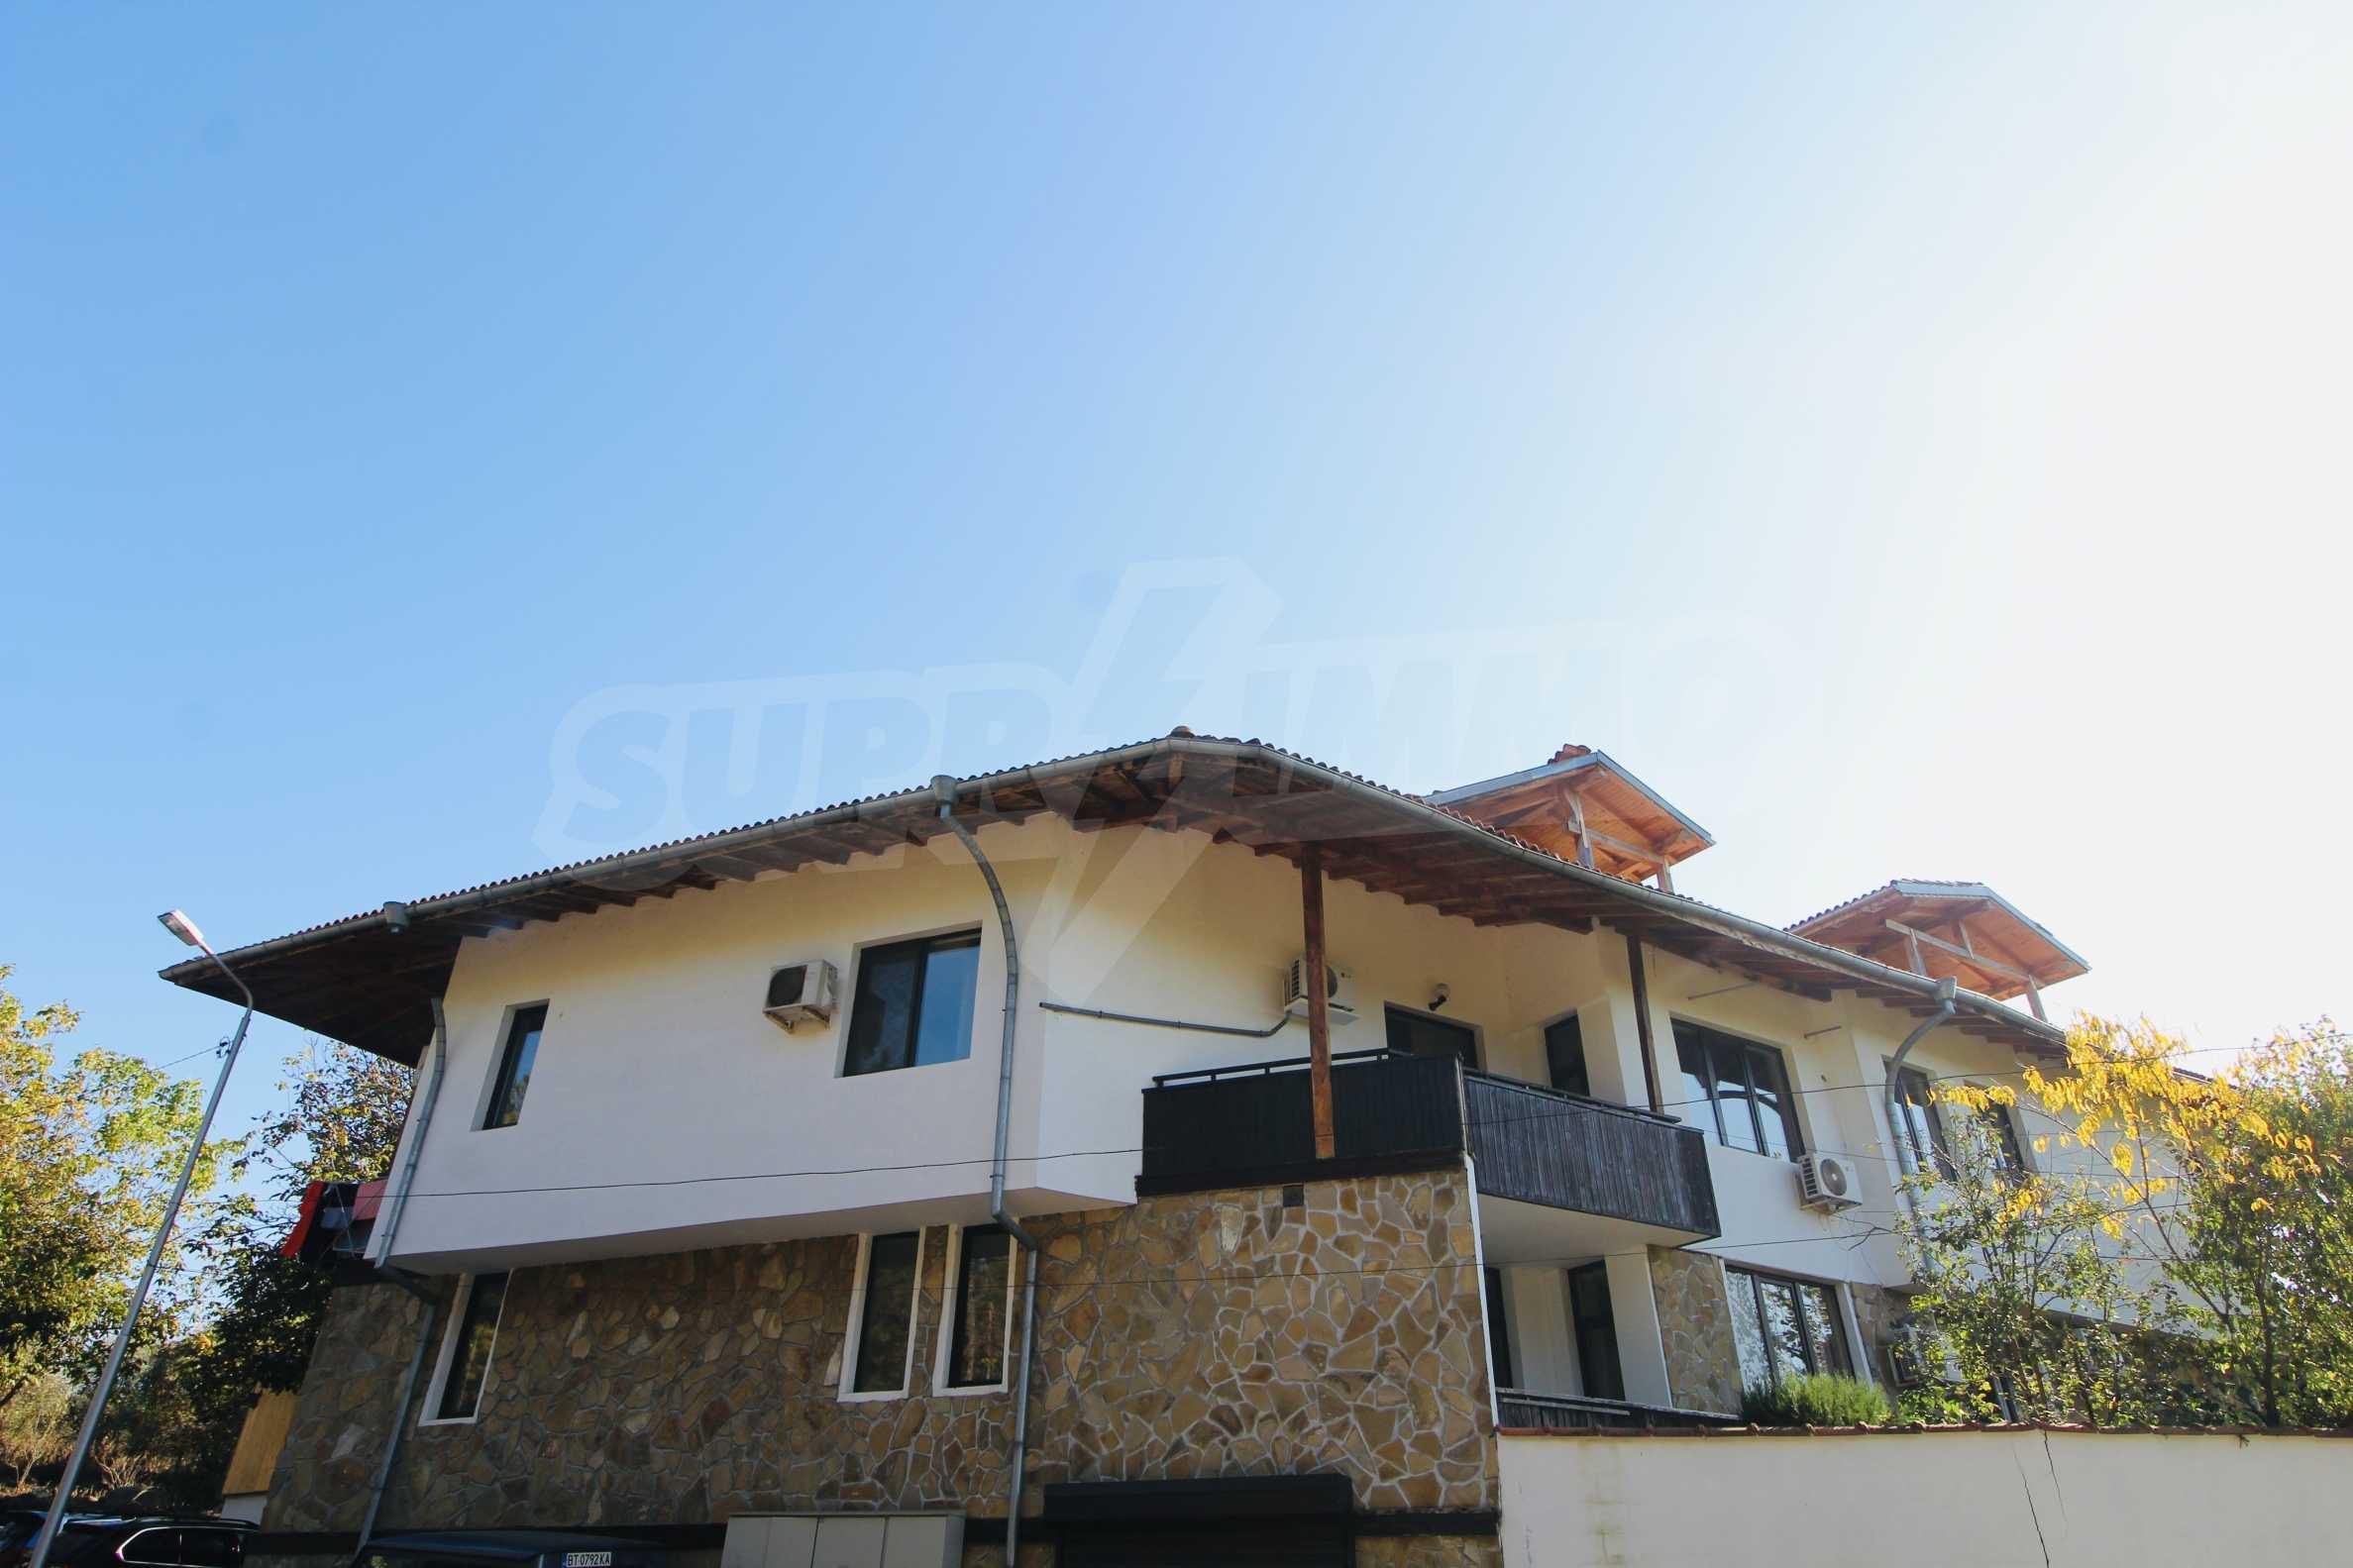 Zwei-Zimmer-Wohnung mit Parkplatz und Keller in der berühmten architektonischen Reserve Arbanassi